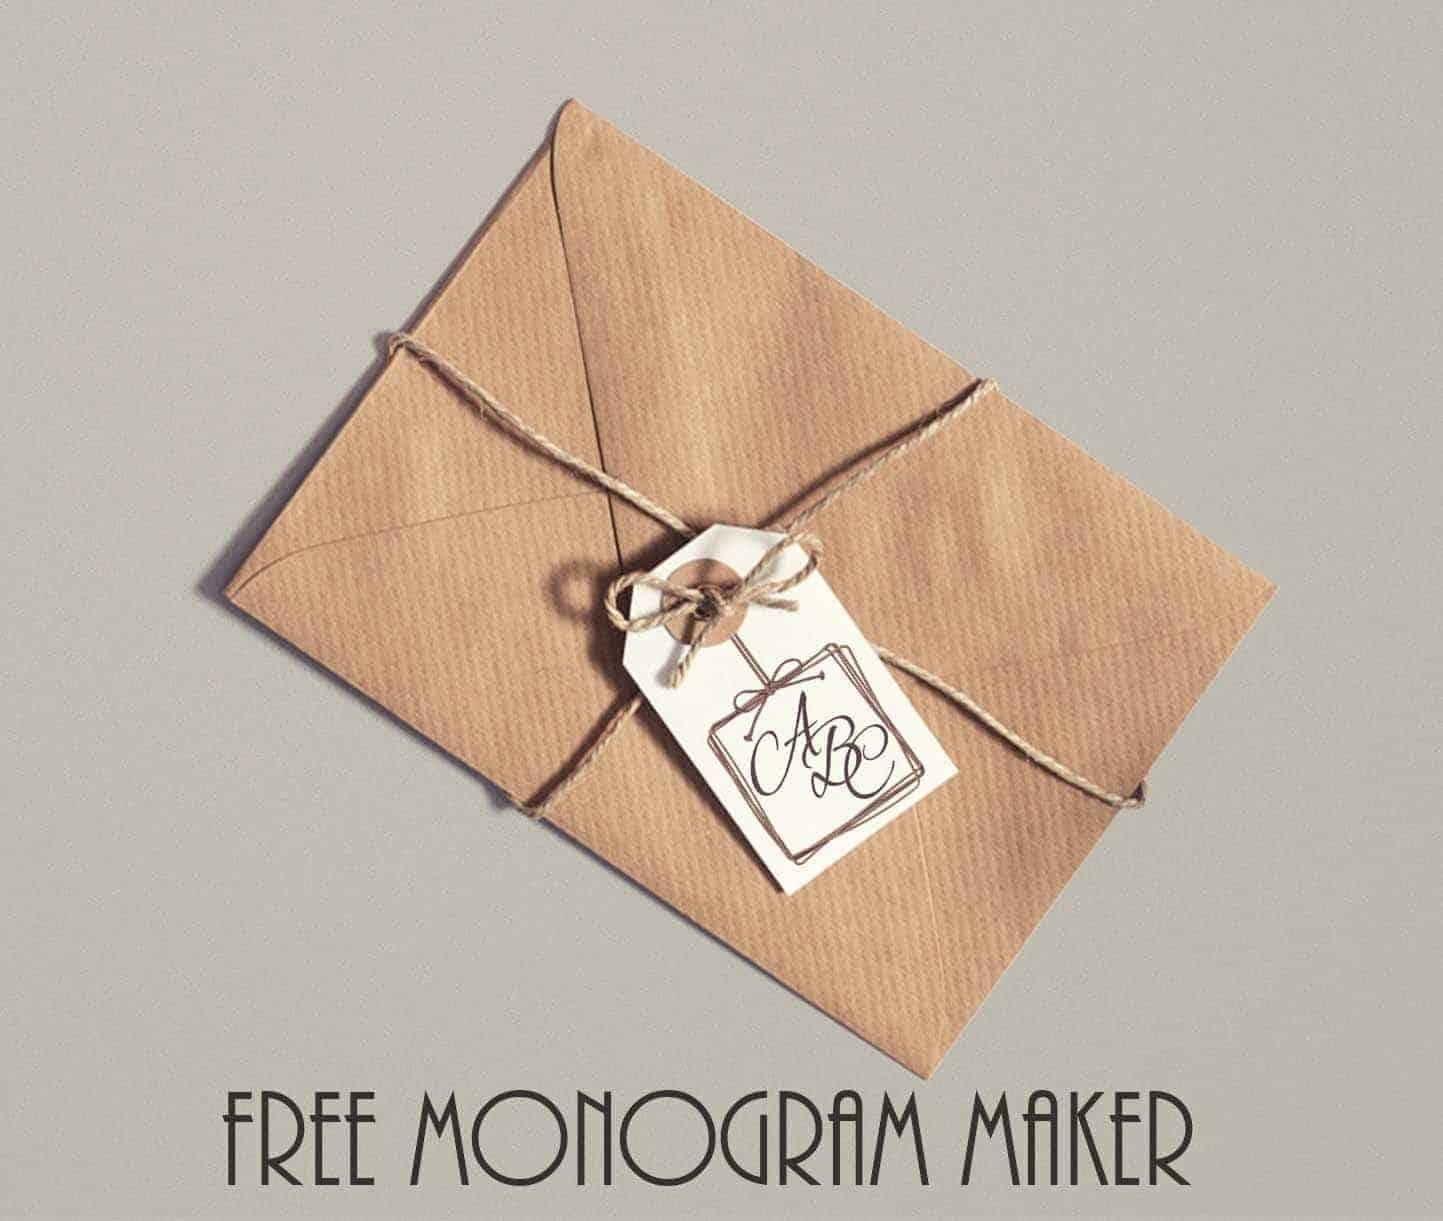 Free Printable Customizable Gift Tags | Customize Online & Print At Home - Free Printable Customizable Gift Tags